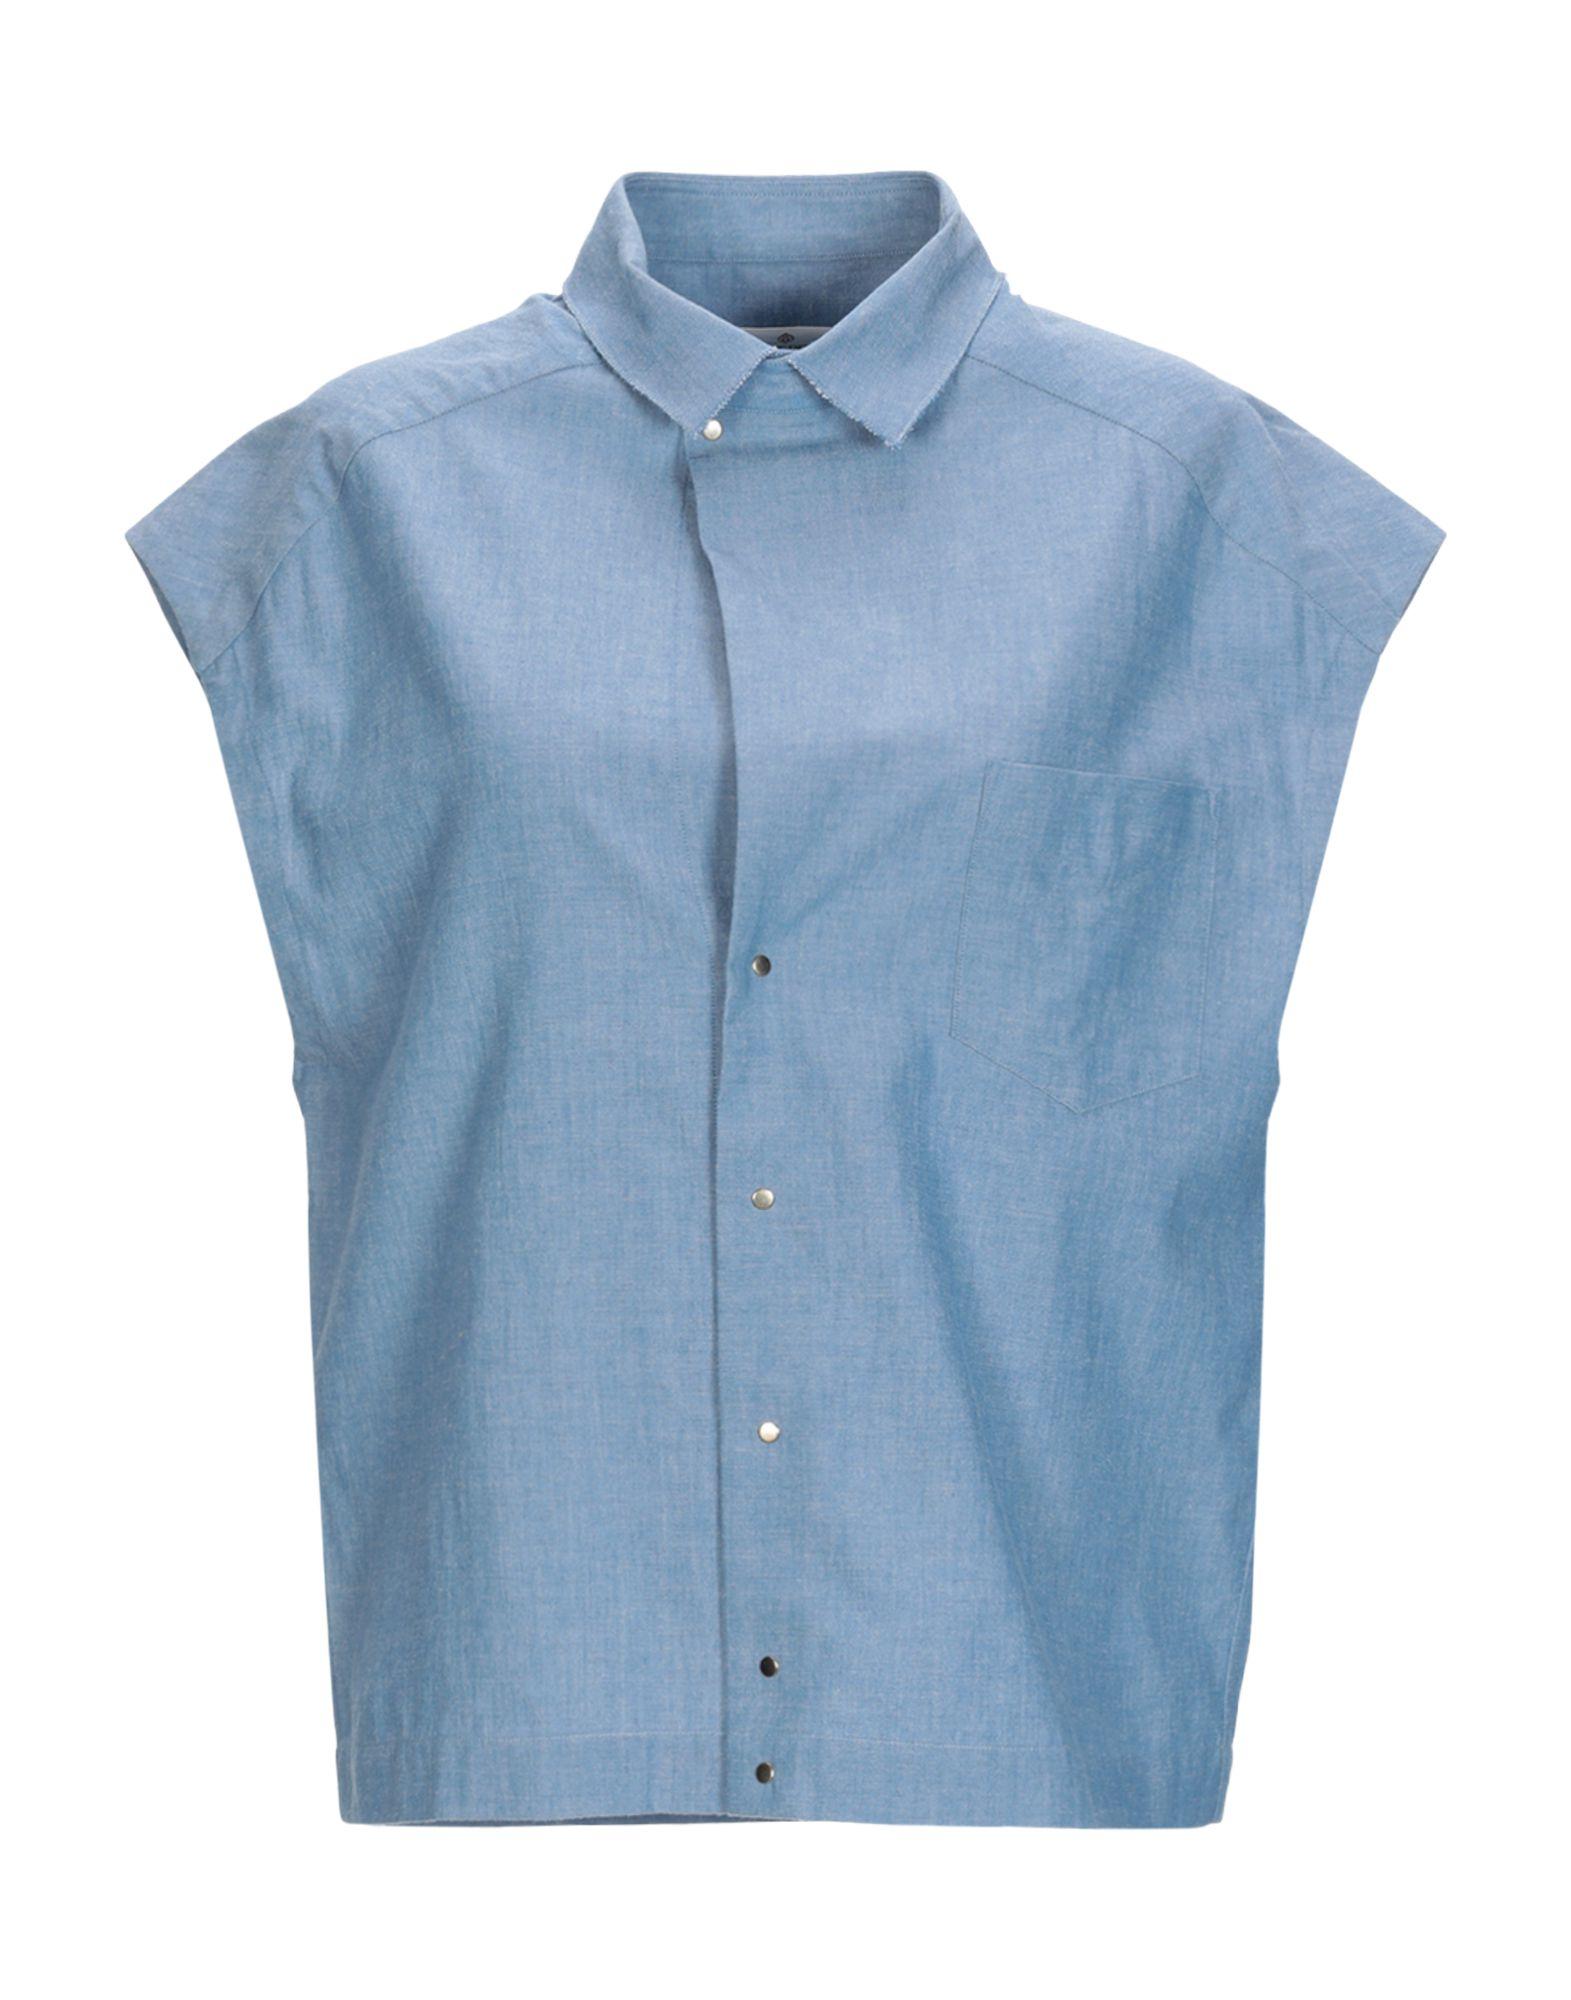 GOLDEN GOOSE DELUXE BRAND Джинсовая рубашка low brand джинсовая рубашка